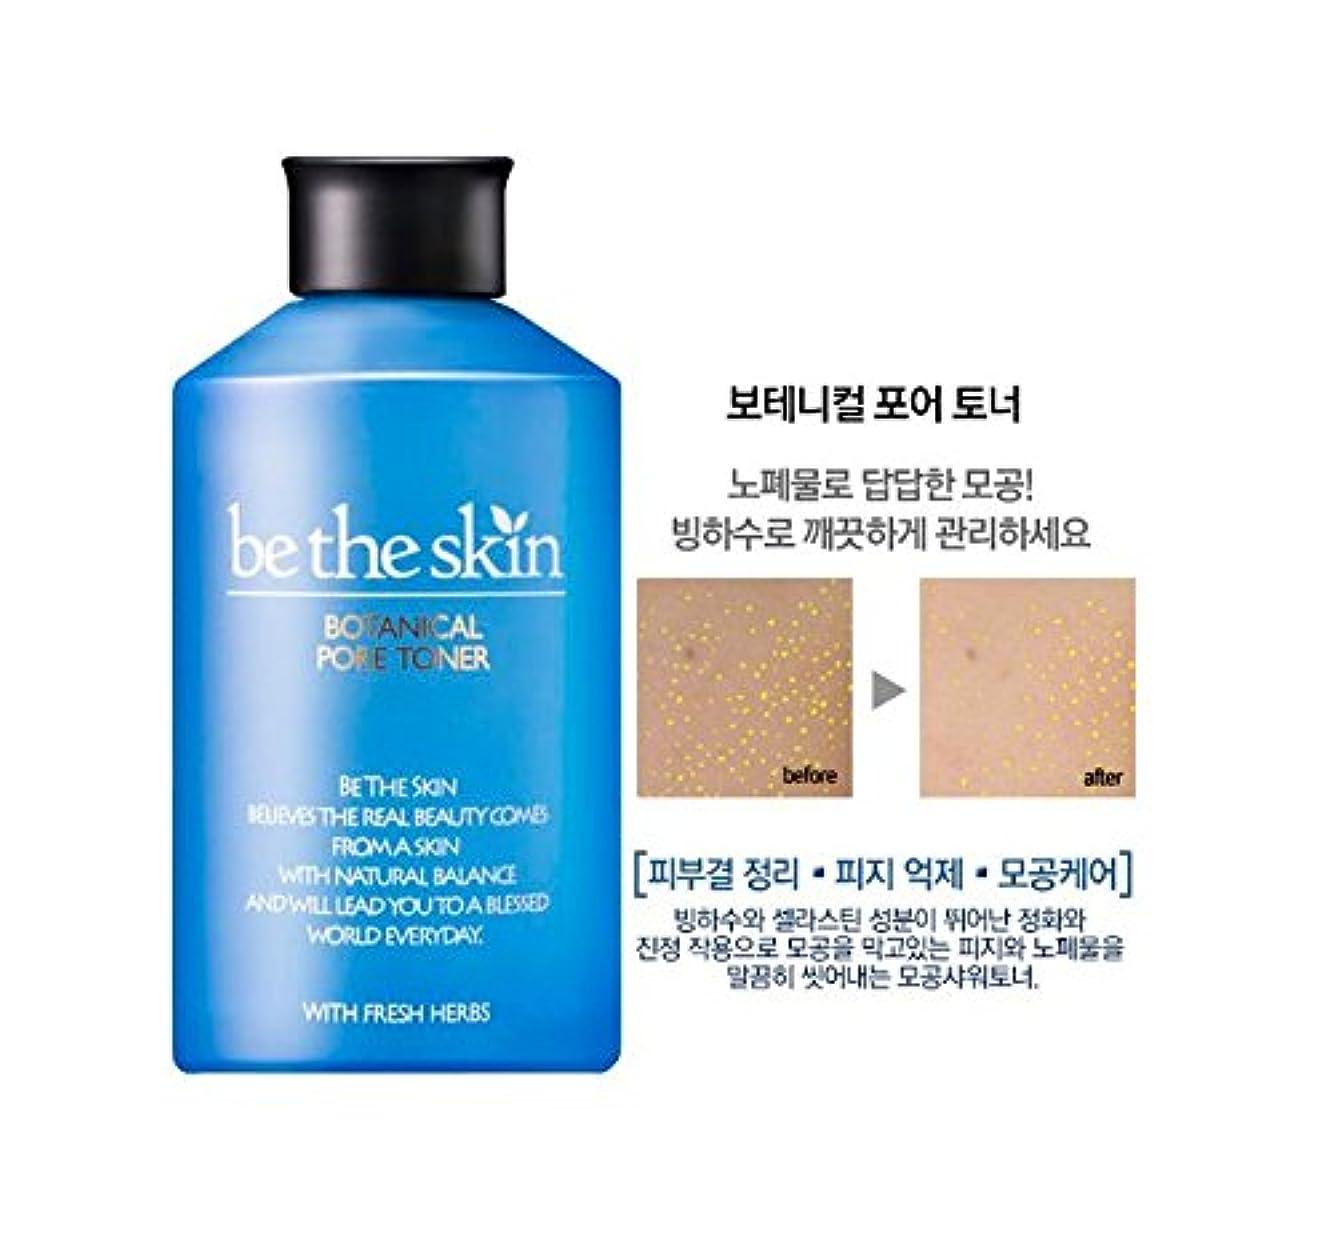 呼び出す物思いにふける信頼性のあるBe the Skin ボタニカル ポア トナー / Botanical Pore Toner (150ml) [並行輸入品]